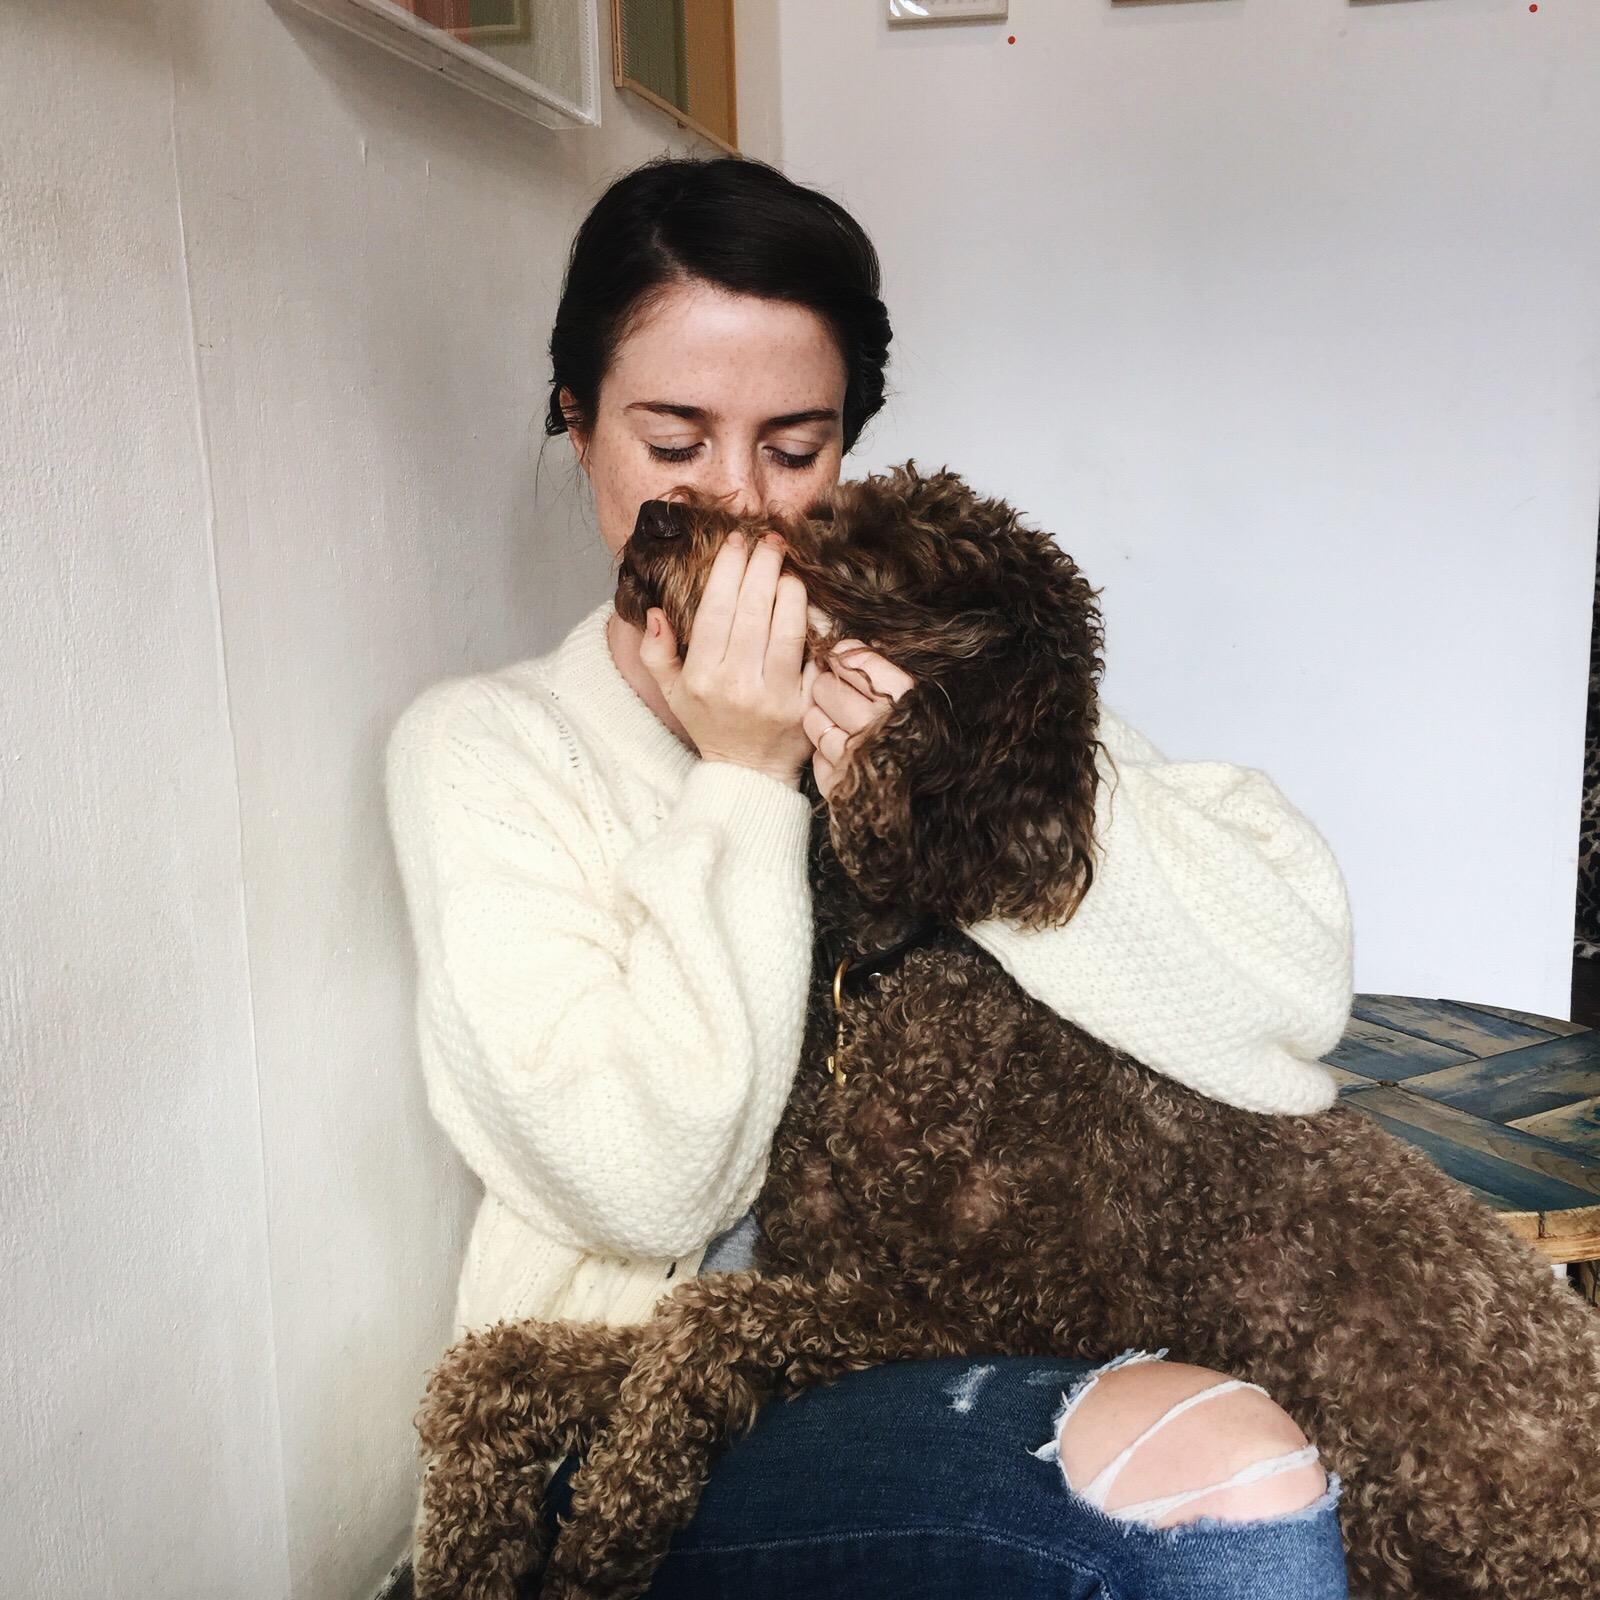 hug your dog every day